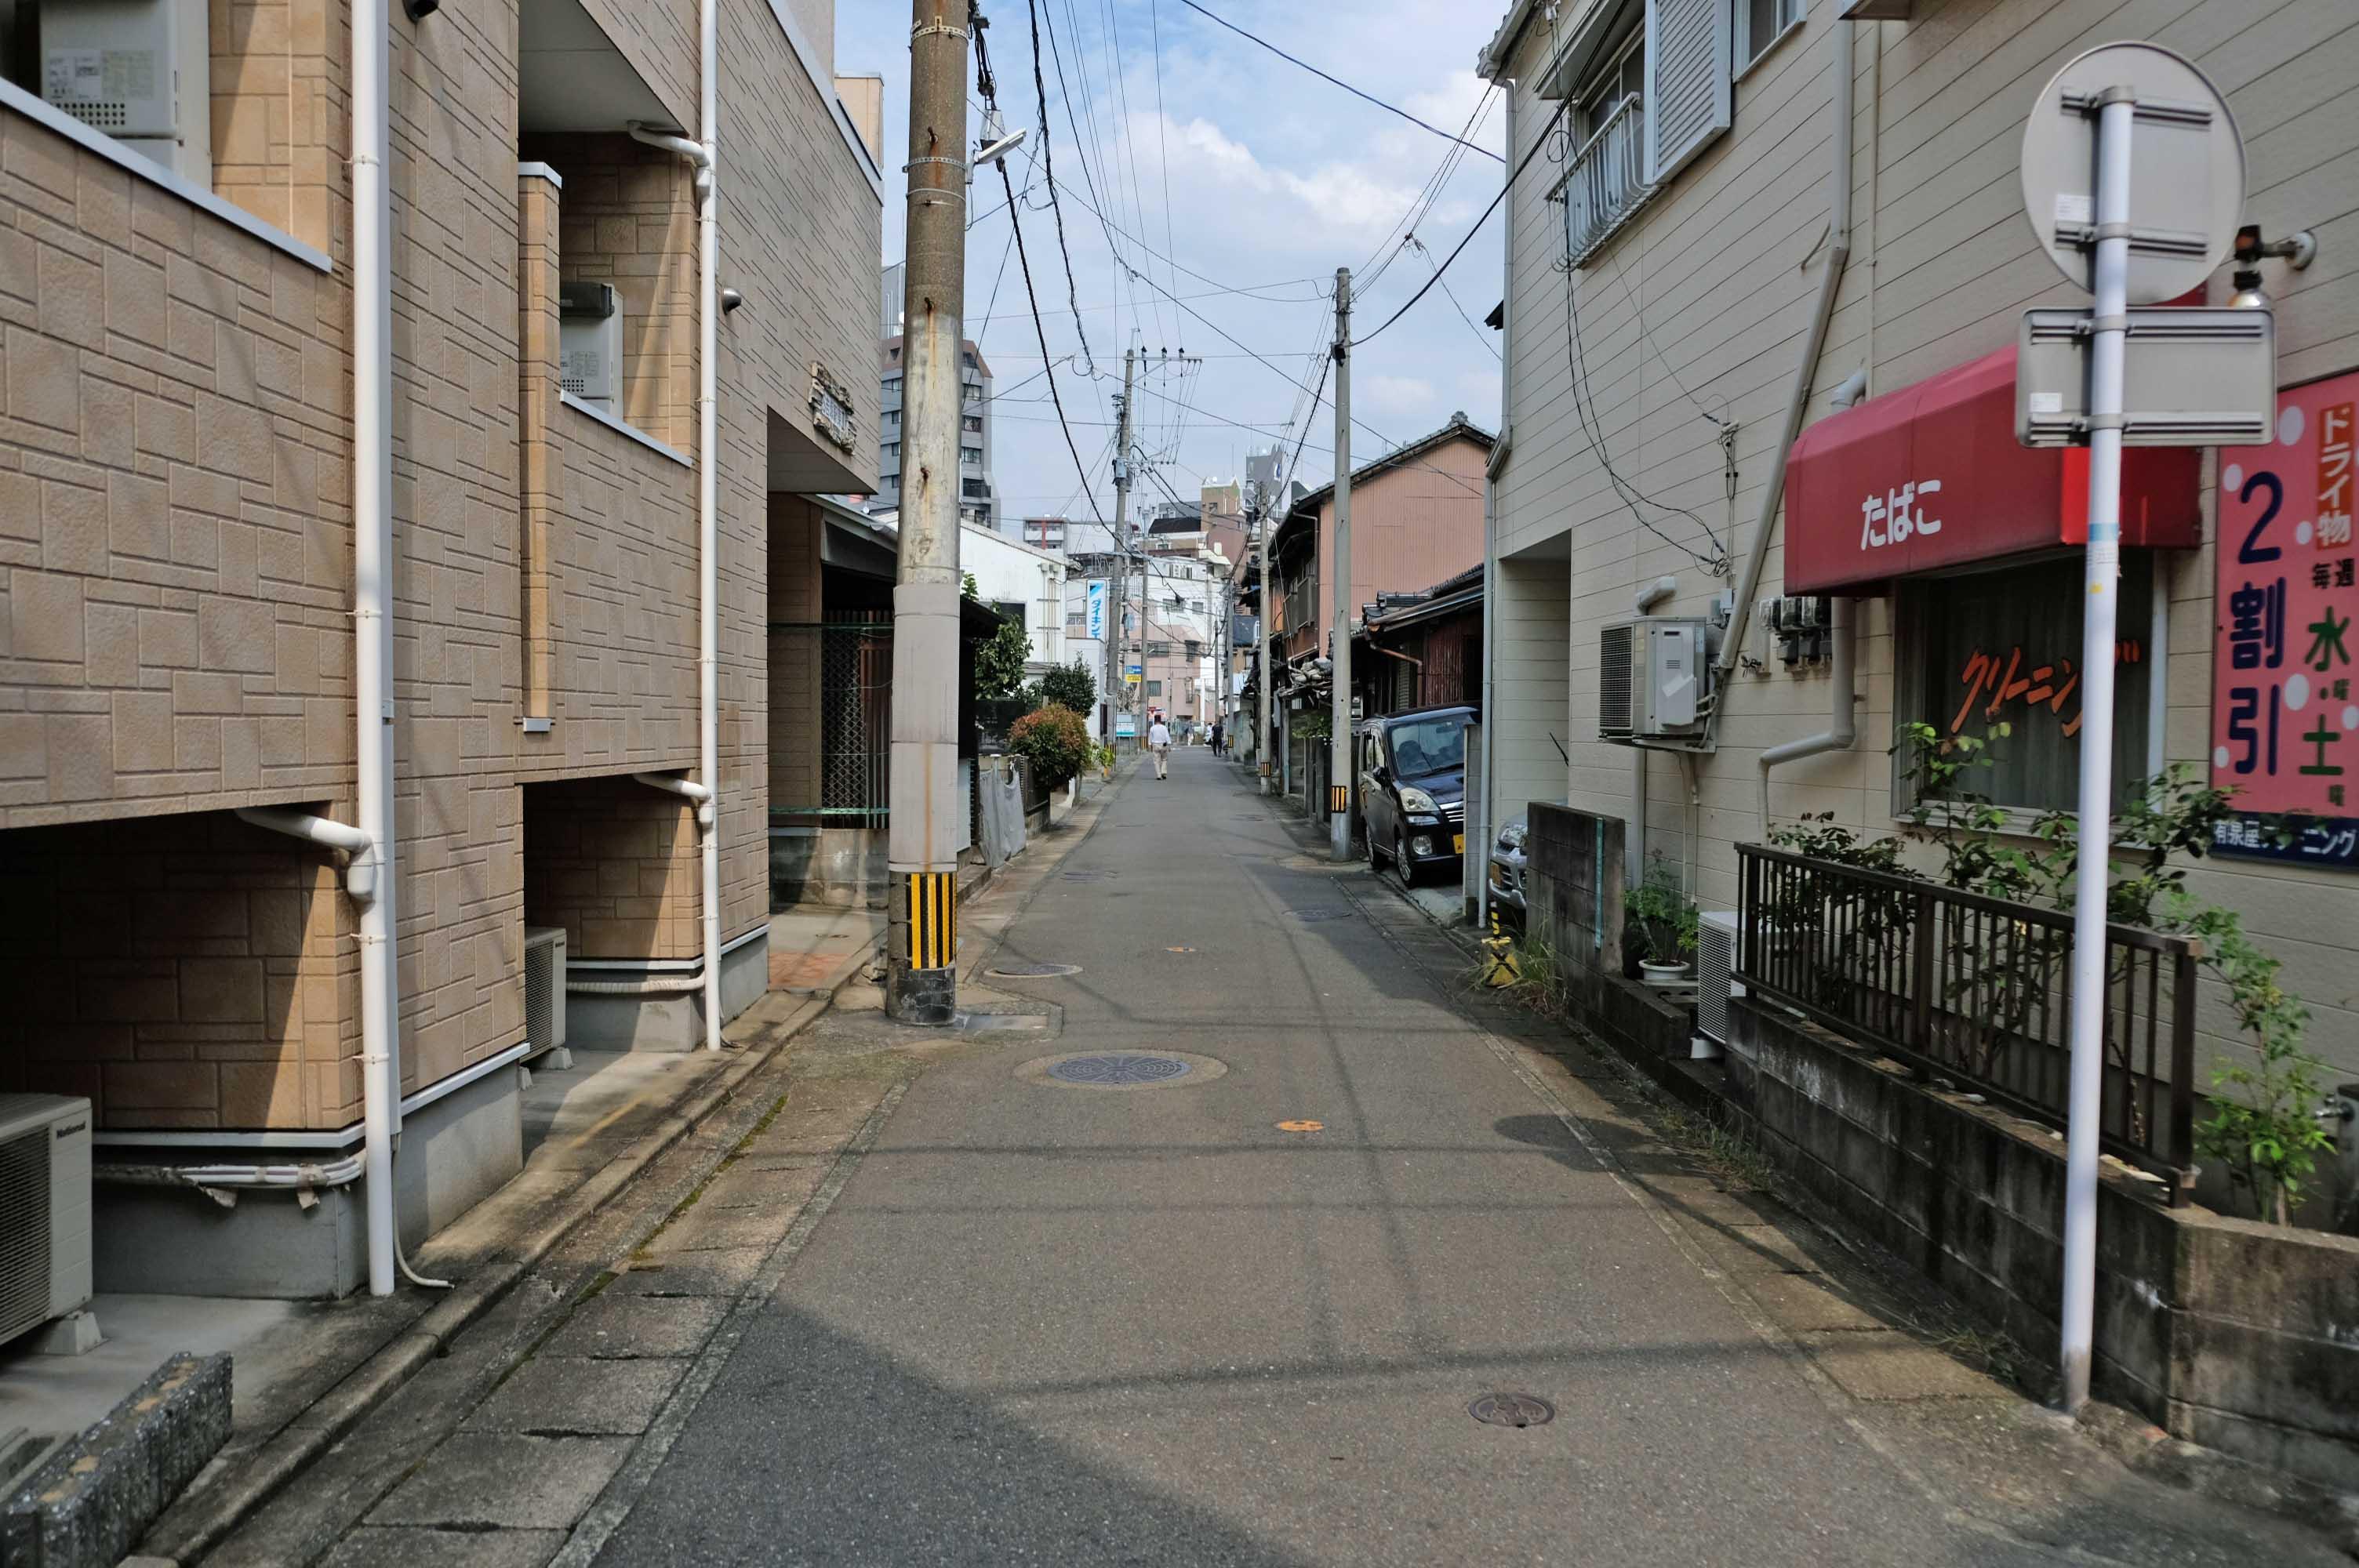 前面道路。静かな路地です。